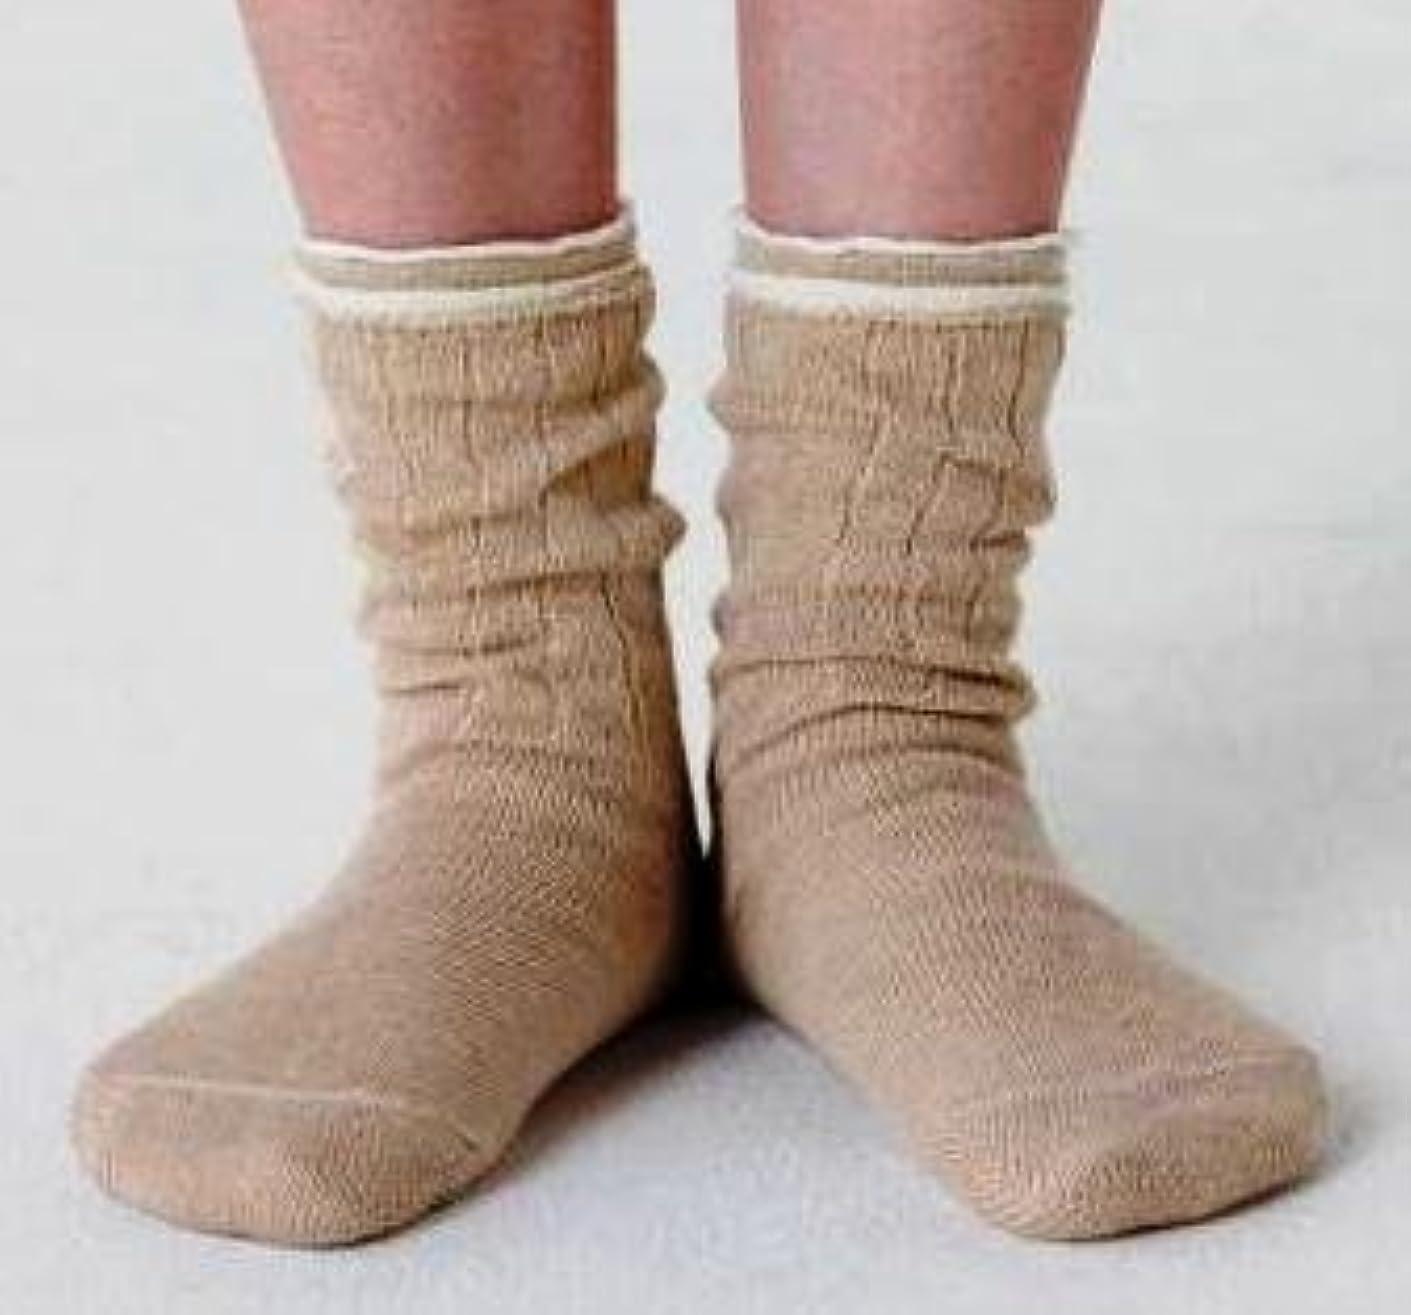 滑りやすい大陸ホース冷え取り靴下 4枚重ね履きソックス(絹?綿?絹?綿) Lサイズ:25~27cm